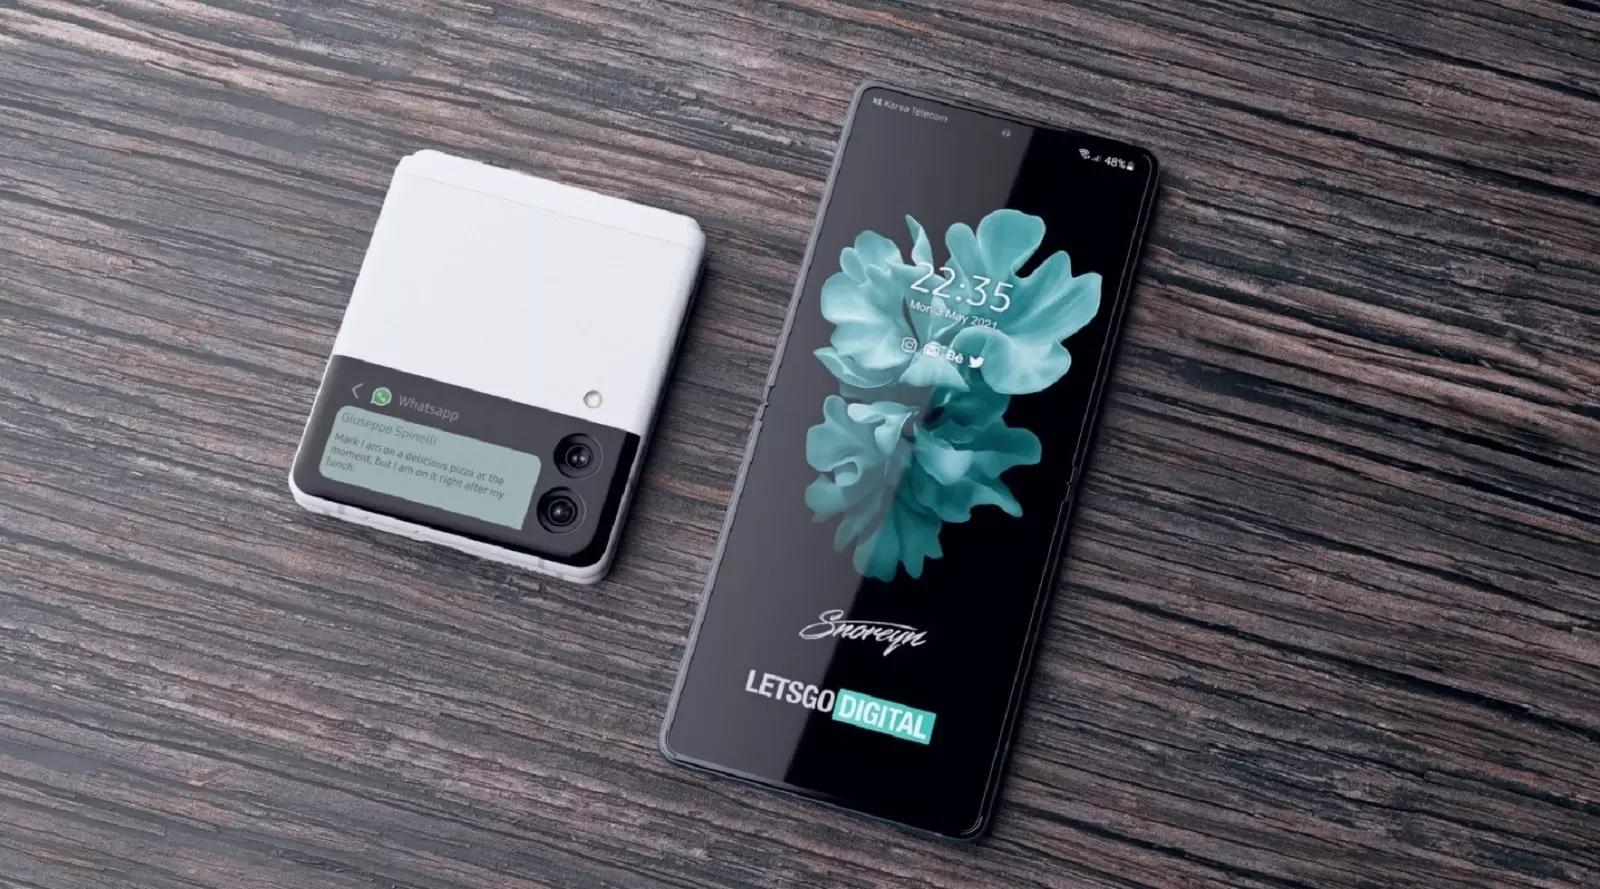 Стало известно, когда Samsung представит смартфоны Galaxy Z Fold 3, Galaxy Z Flip 3 и Galaxy S21 FE